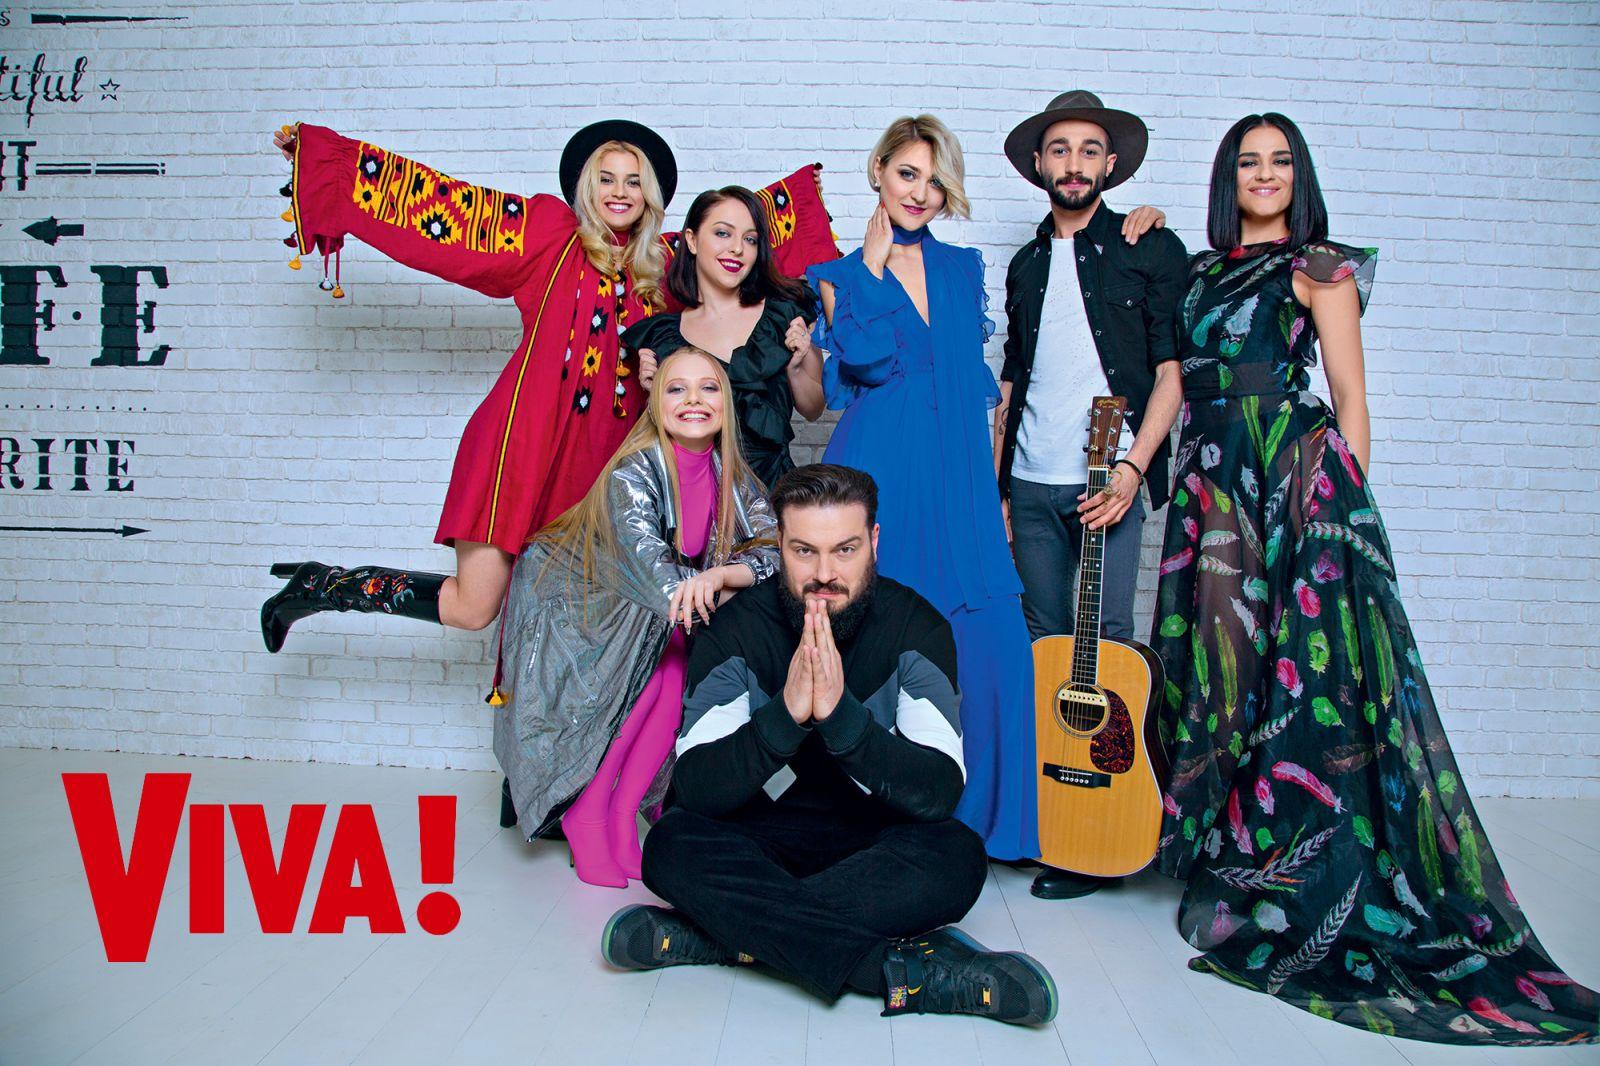 """Эксклюзив: участники шоу """"Голос країни-7"""" снялись в яркой фотосессии для Viva!"""